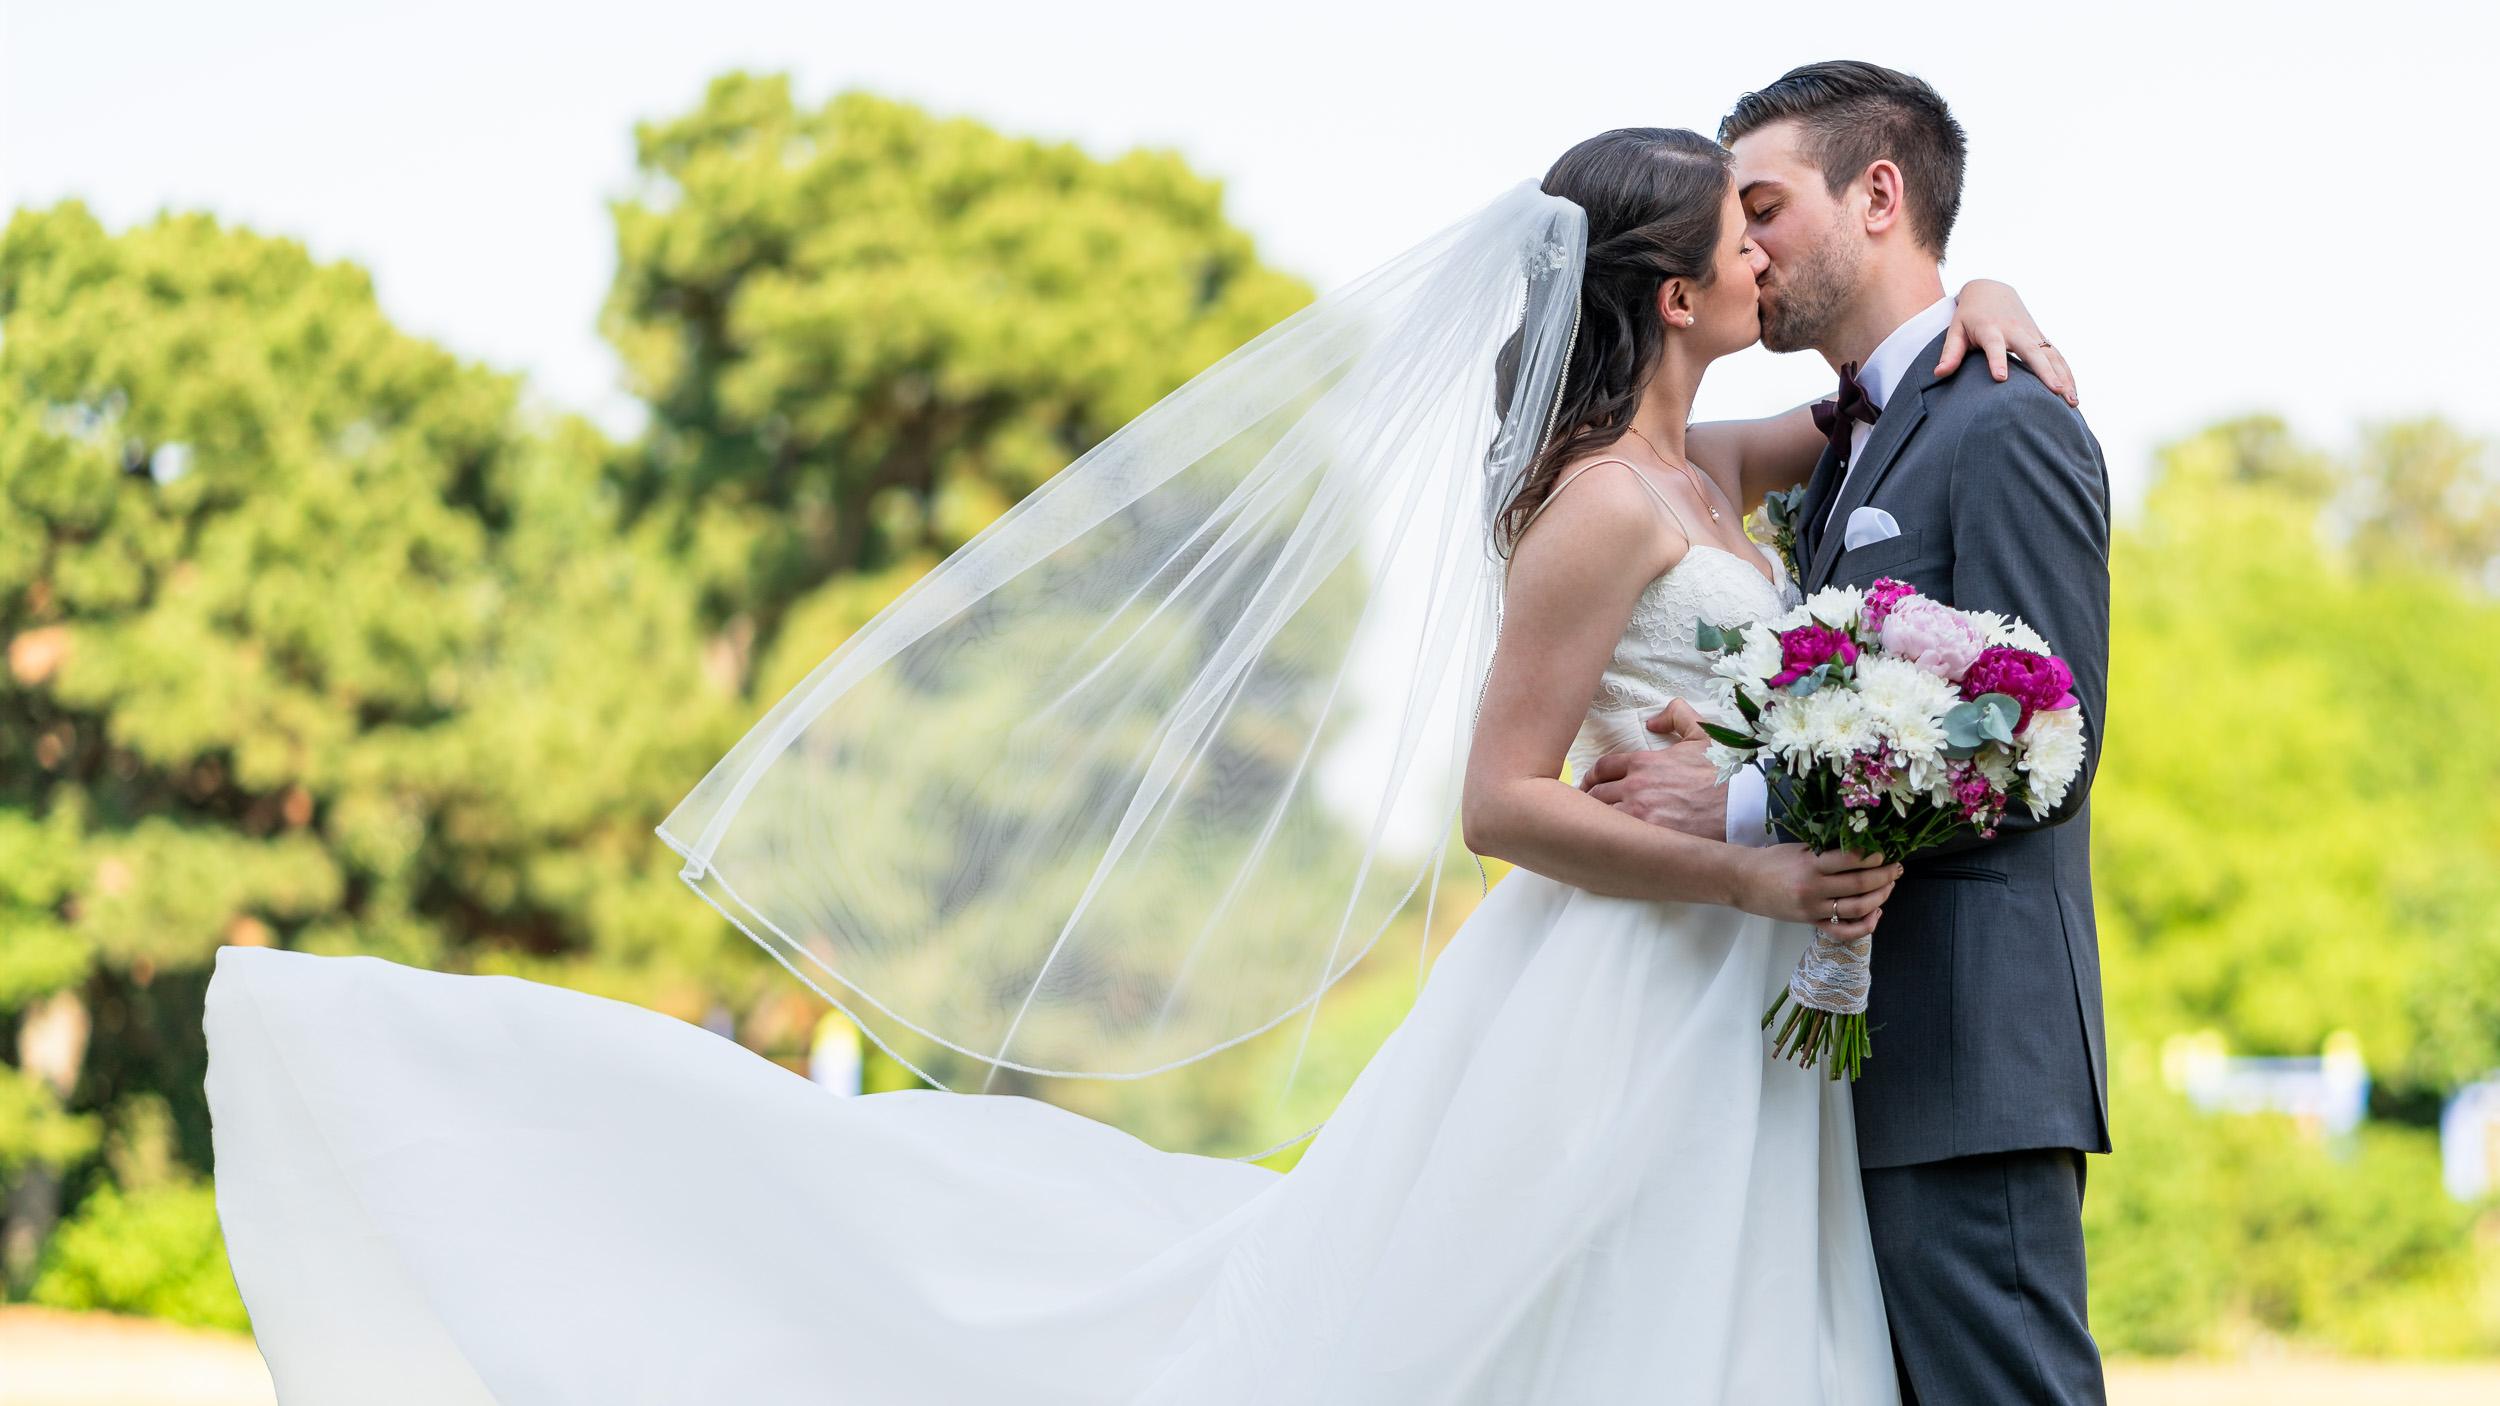 Szafrankski Wedding